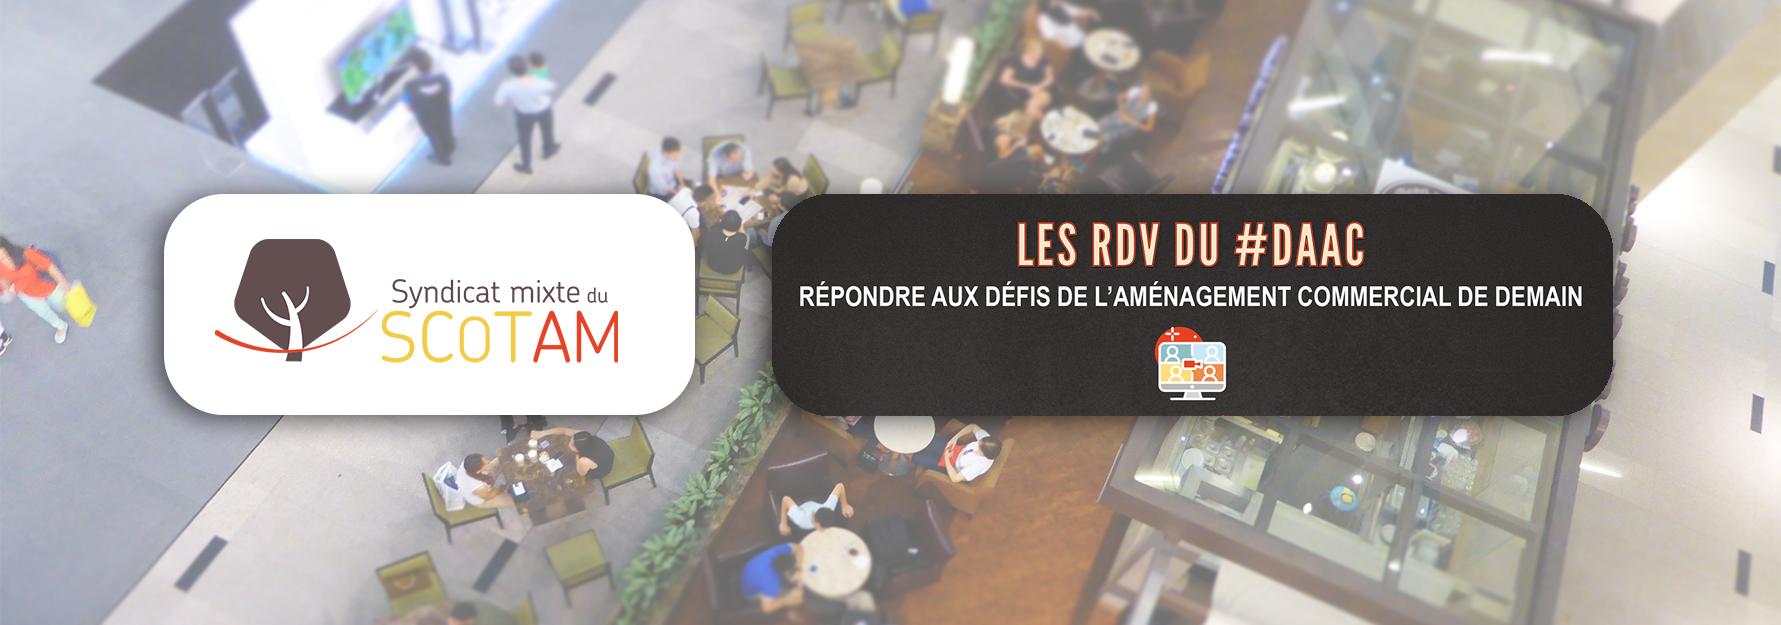 RÉPONDRE AUX DÉFIS DE L'AMÉNAGEMENT COMMERCIAL DE DEMAIN : COUP D'ENVOI DU #DAAC #SCOTAM